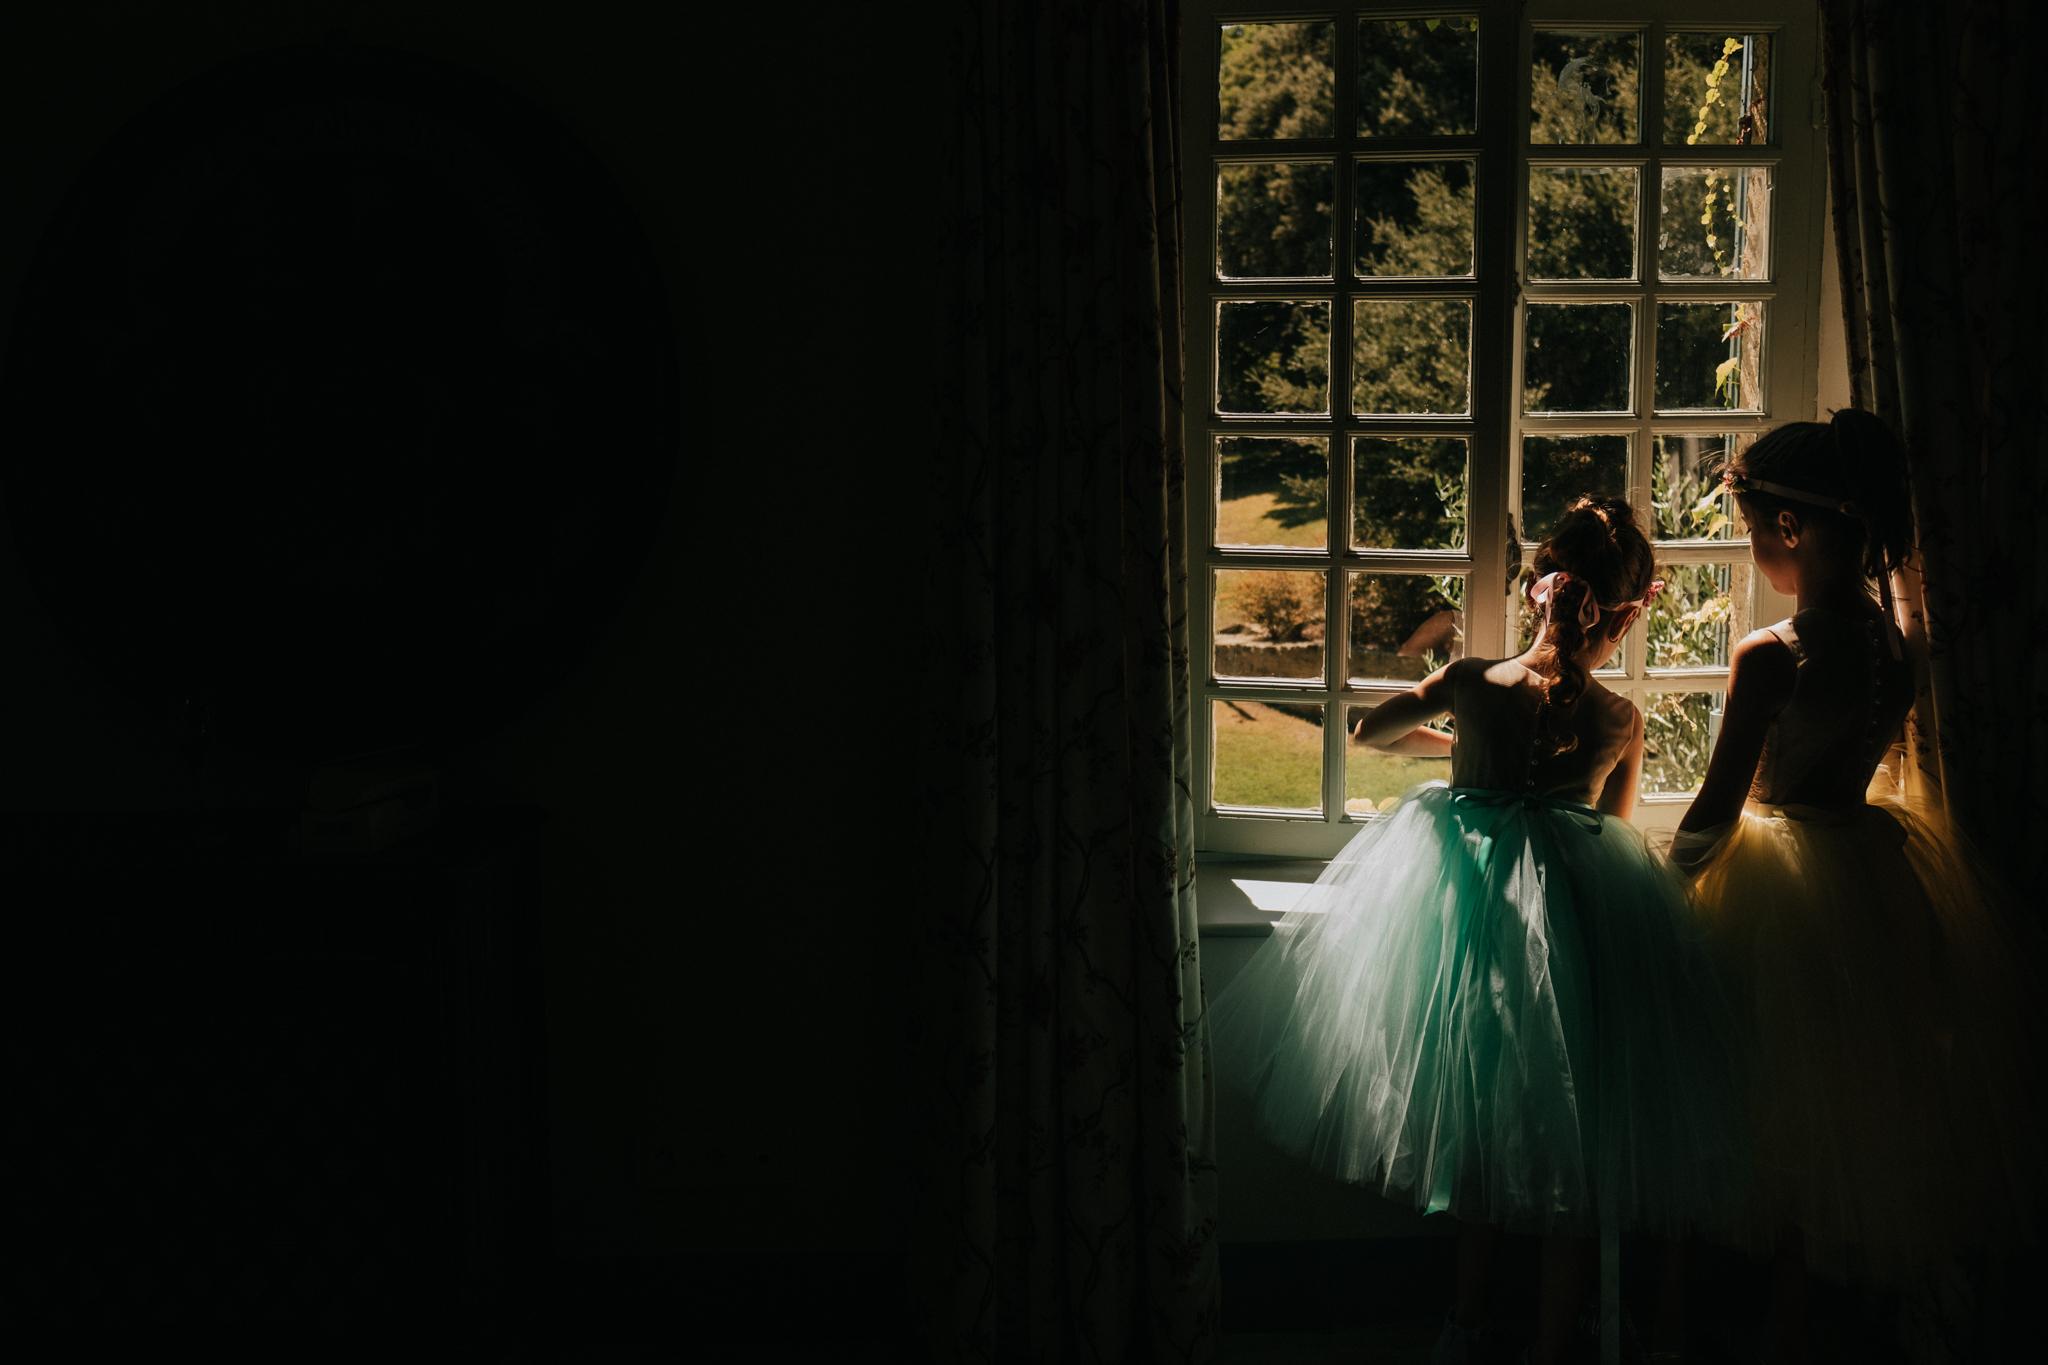 Domaine-de-la-Tuiliere-South-of-France-Wedding-Photographer-donhelen